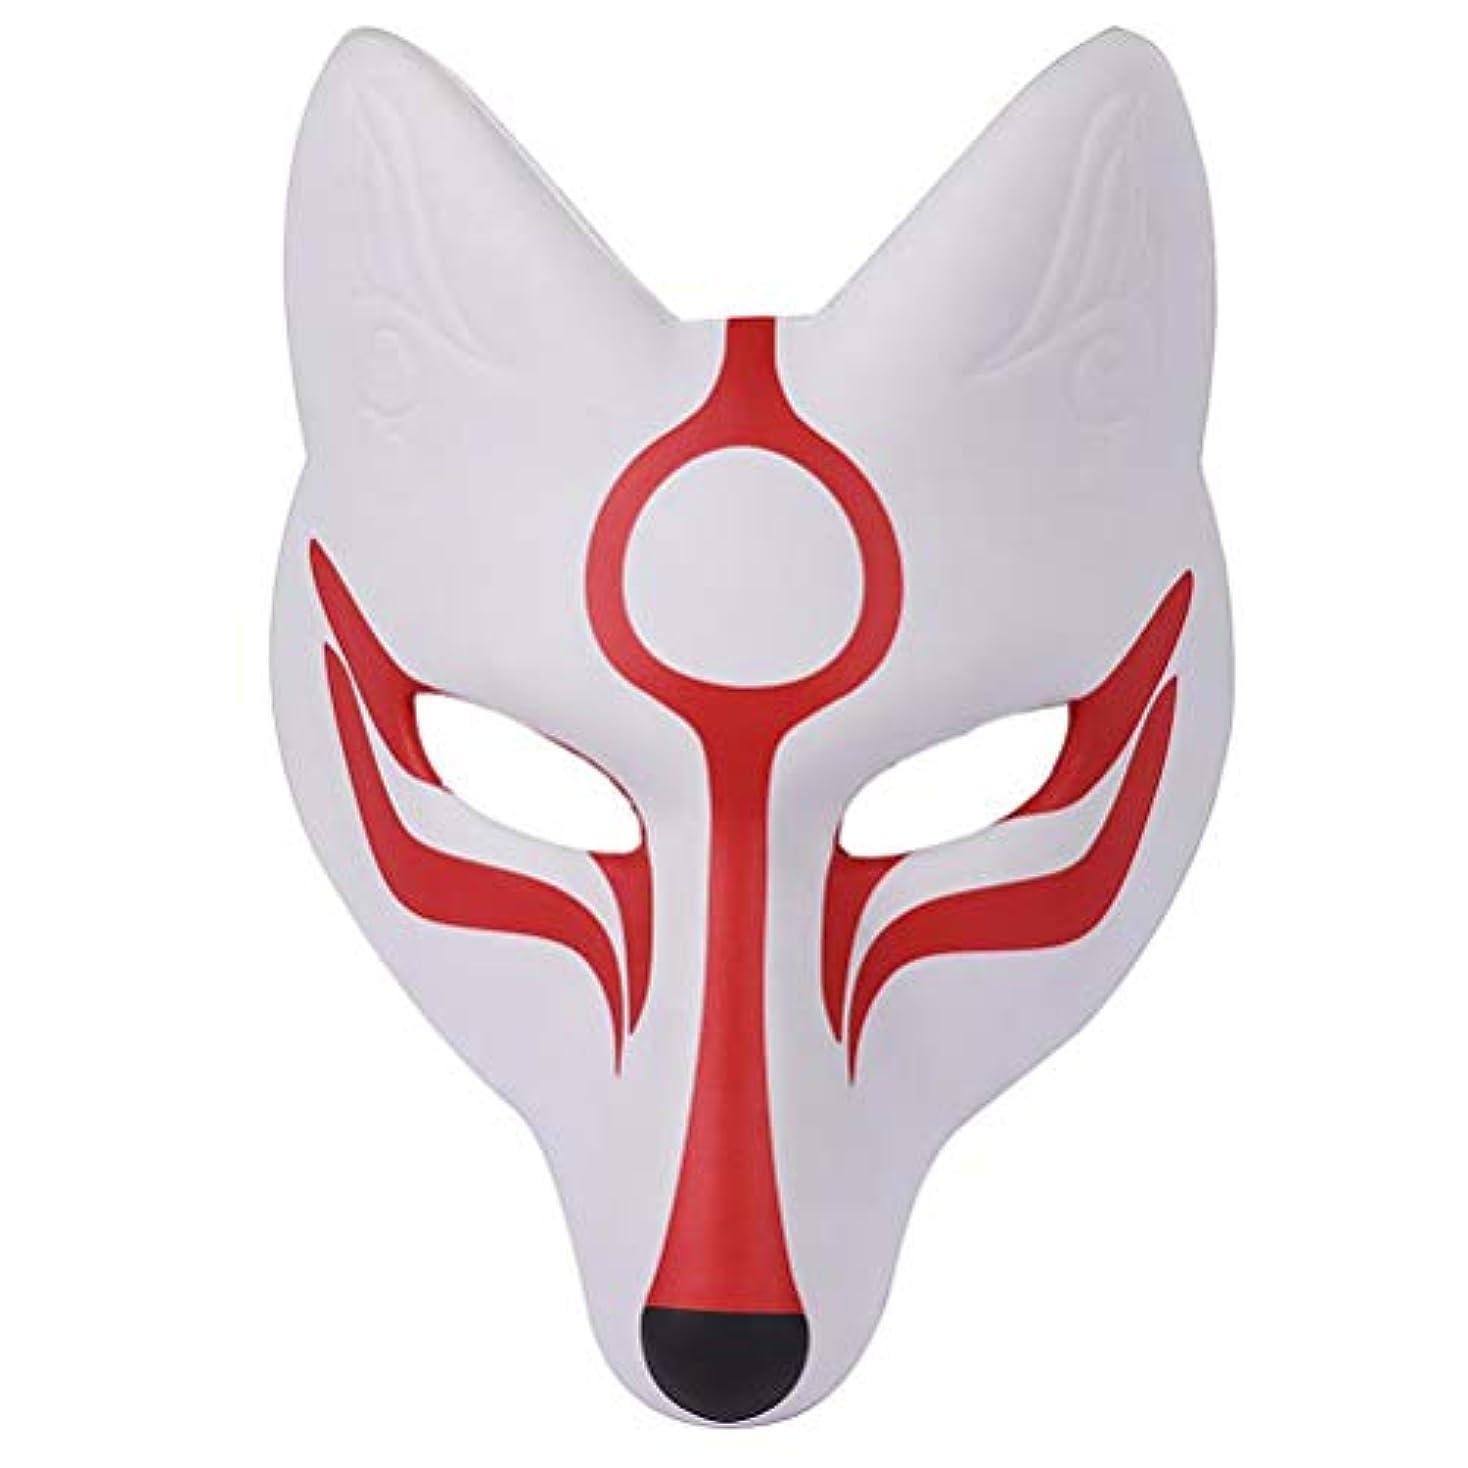 建築着飾る持つAMOSFUN フォックスマスク日本歌舞伎きつねマスク用男性女性子供ハロウィーン仮装衣装プロップ